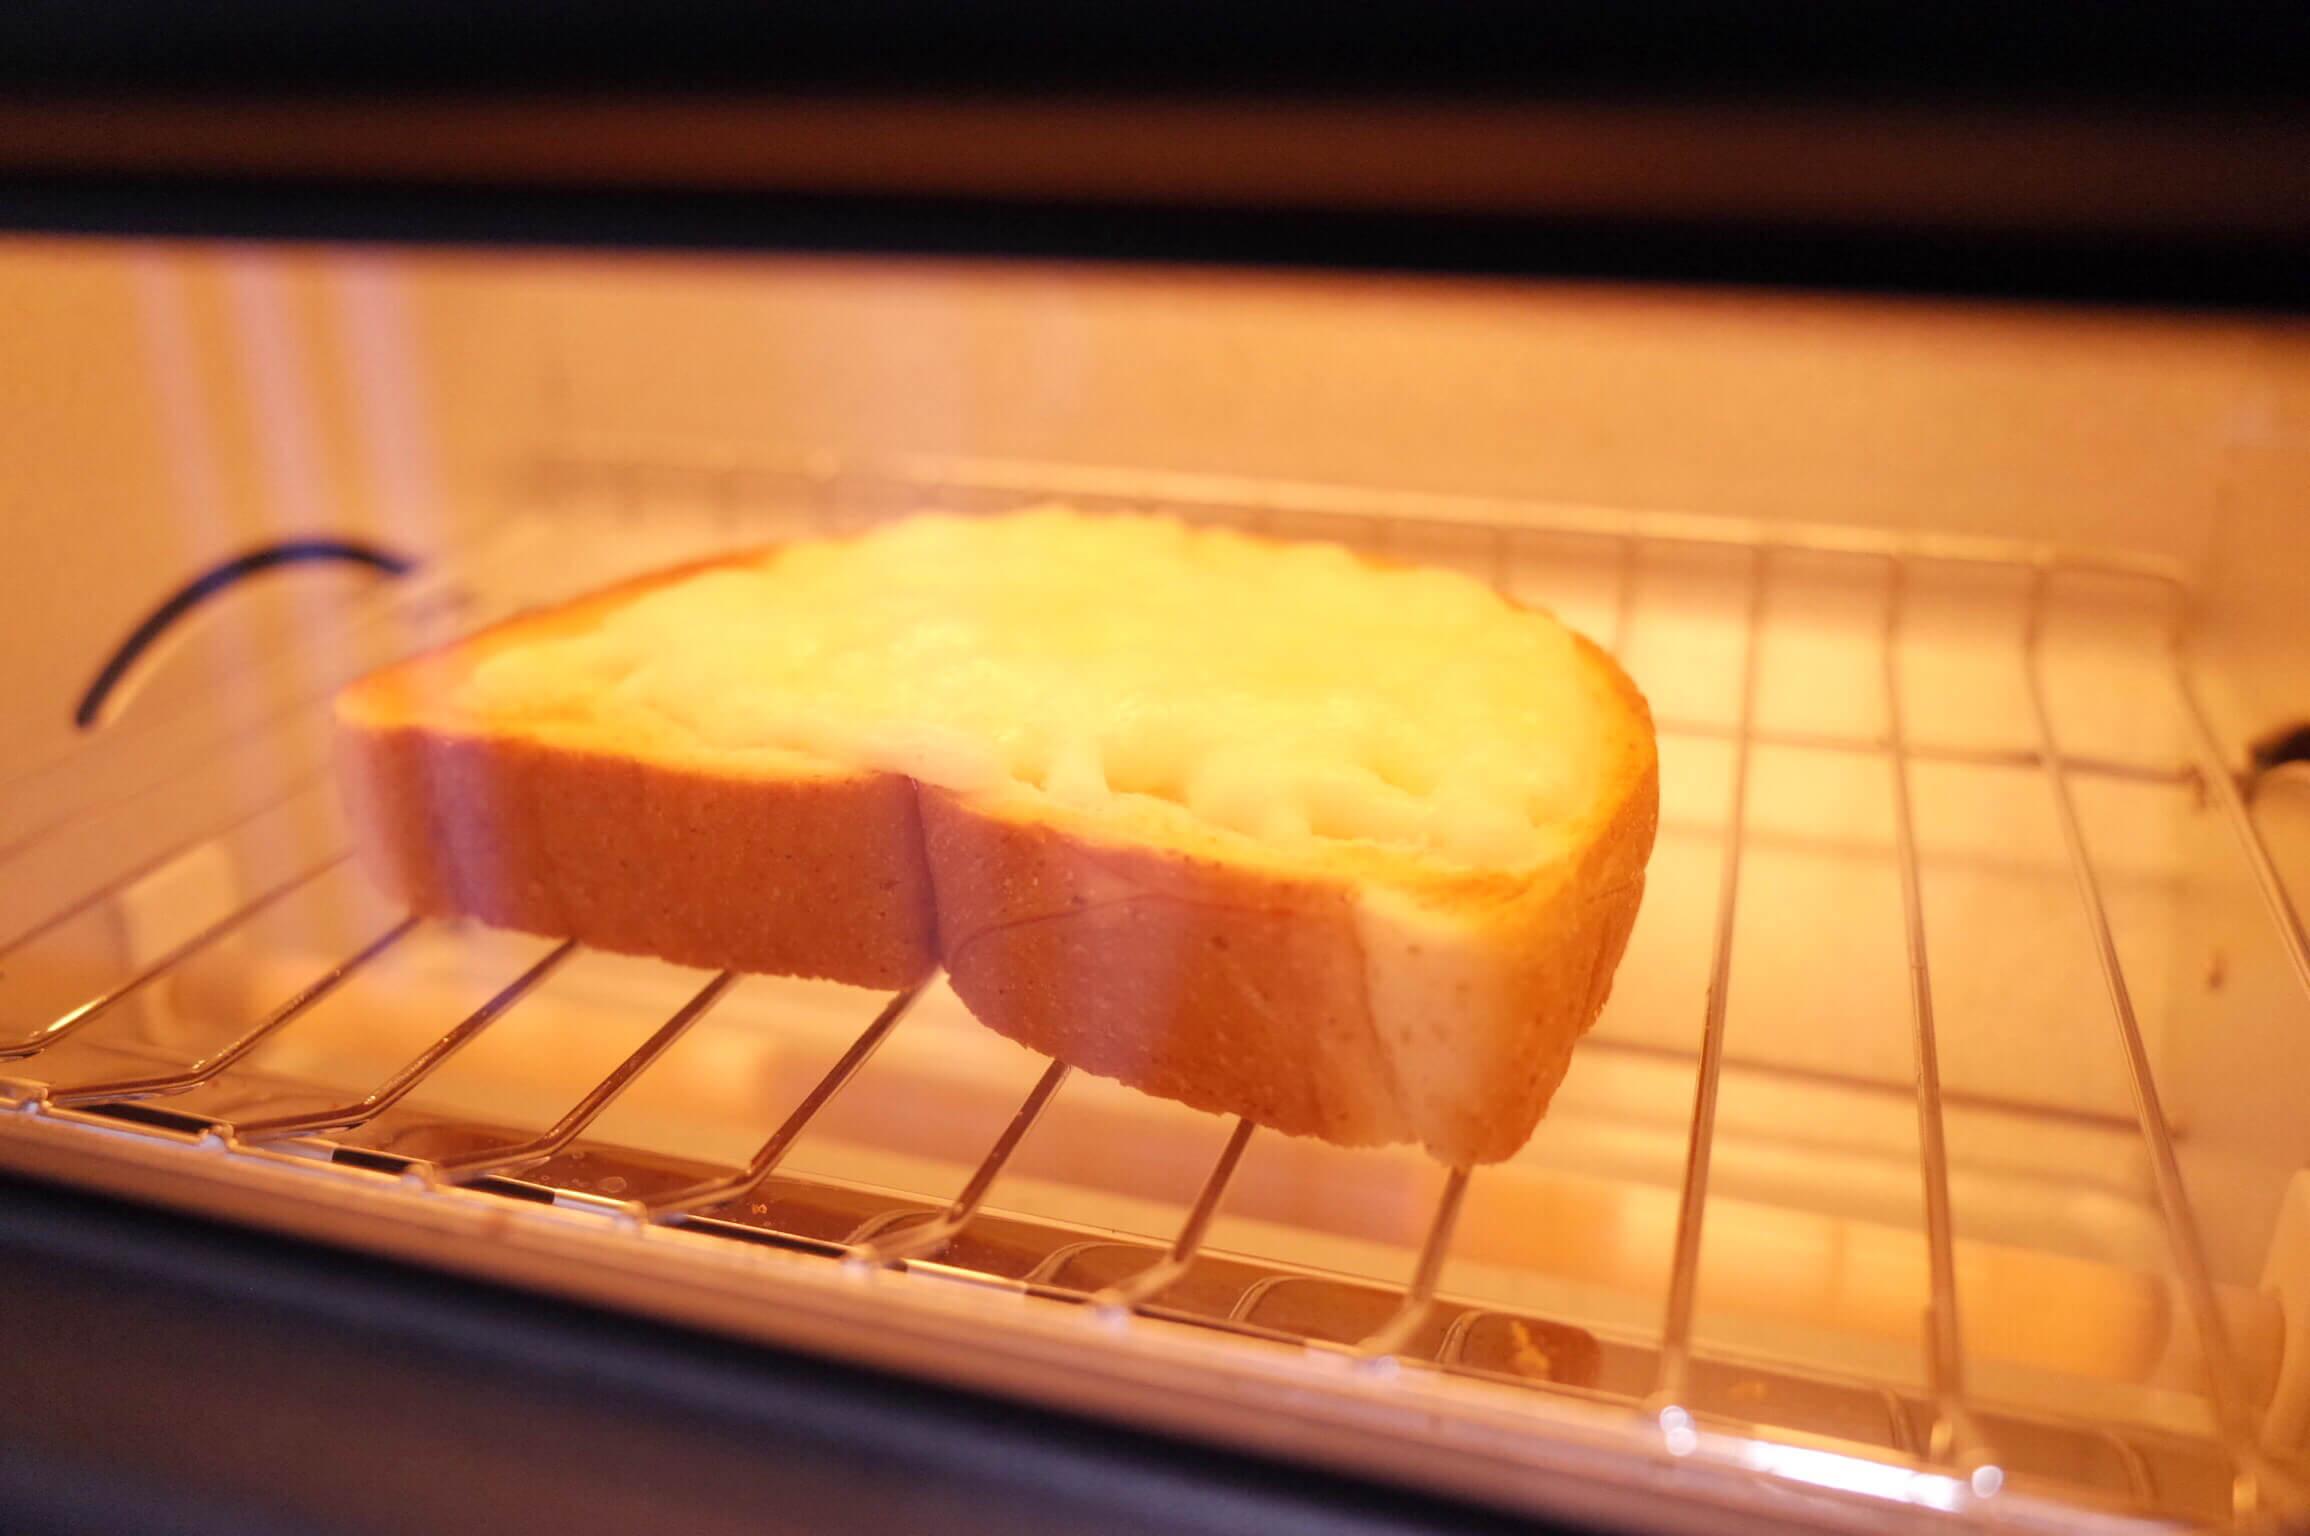 バルミューダ トースター | チーズトーストが香ばしくて旨すぎて、もうカロリーとかどうでもよくなる